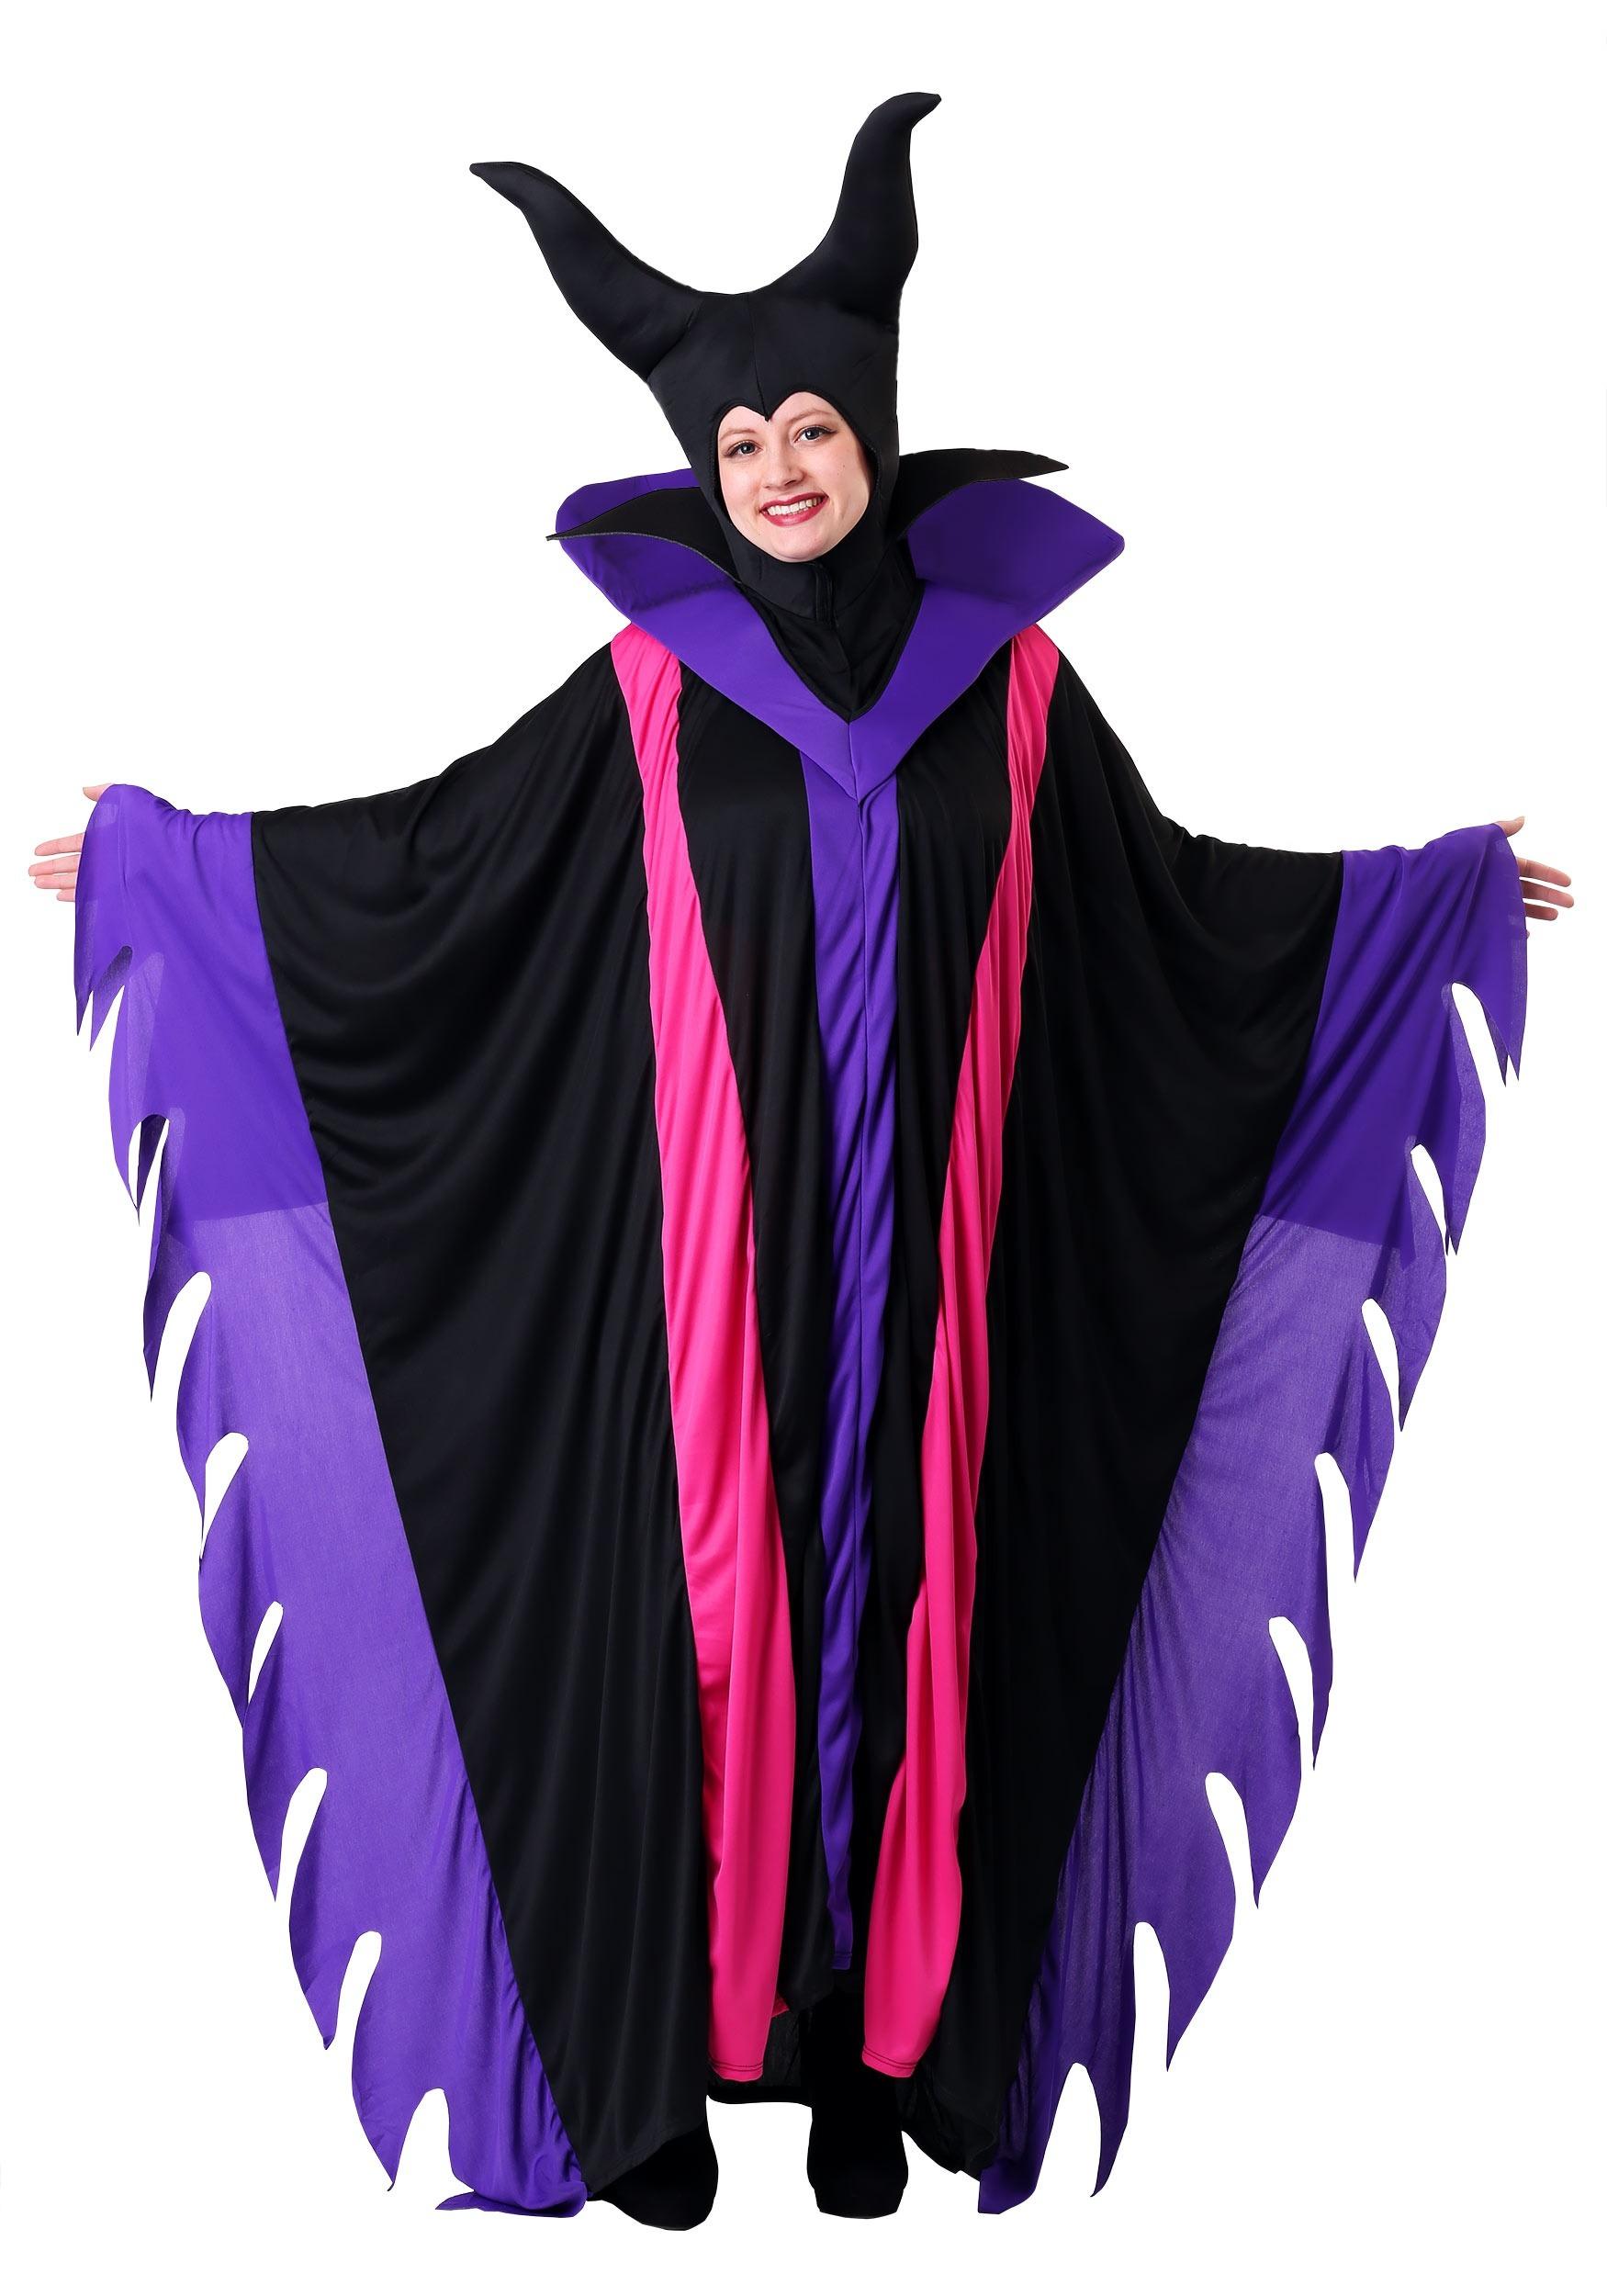 2b3d4eaef57 Plus Size Magnificent Witch Costume - Disney Villain Costume Ideas ...